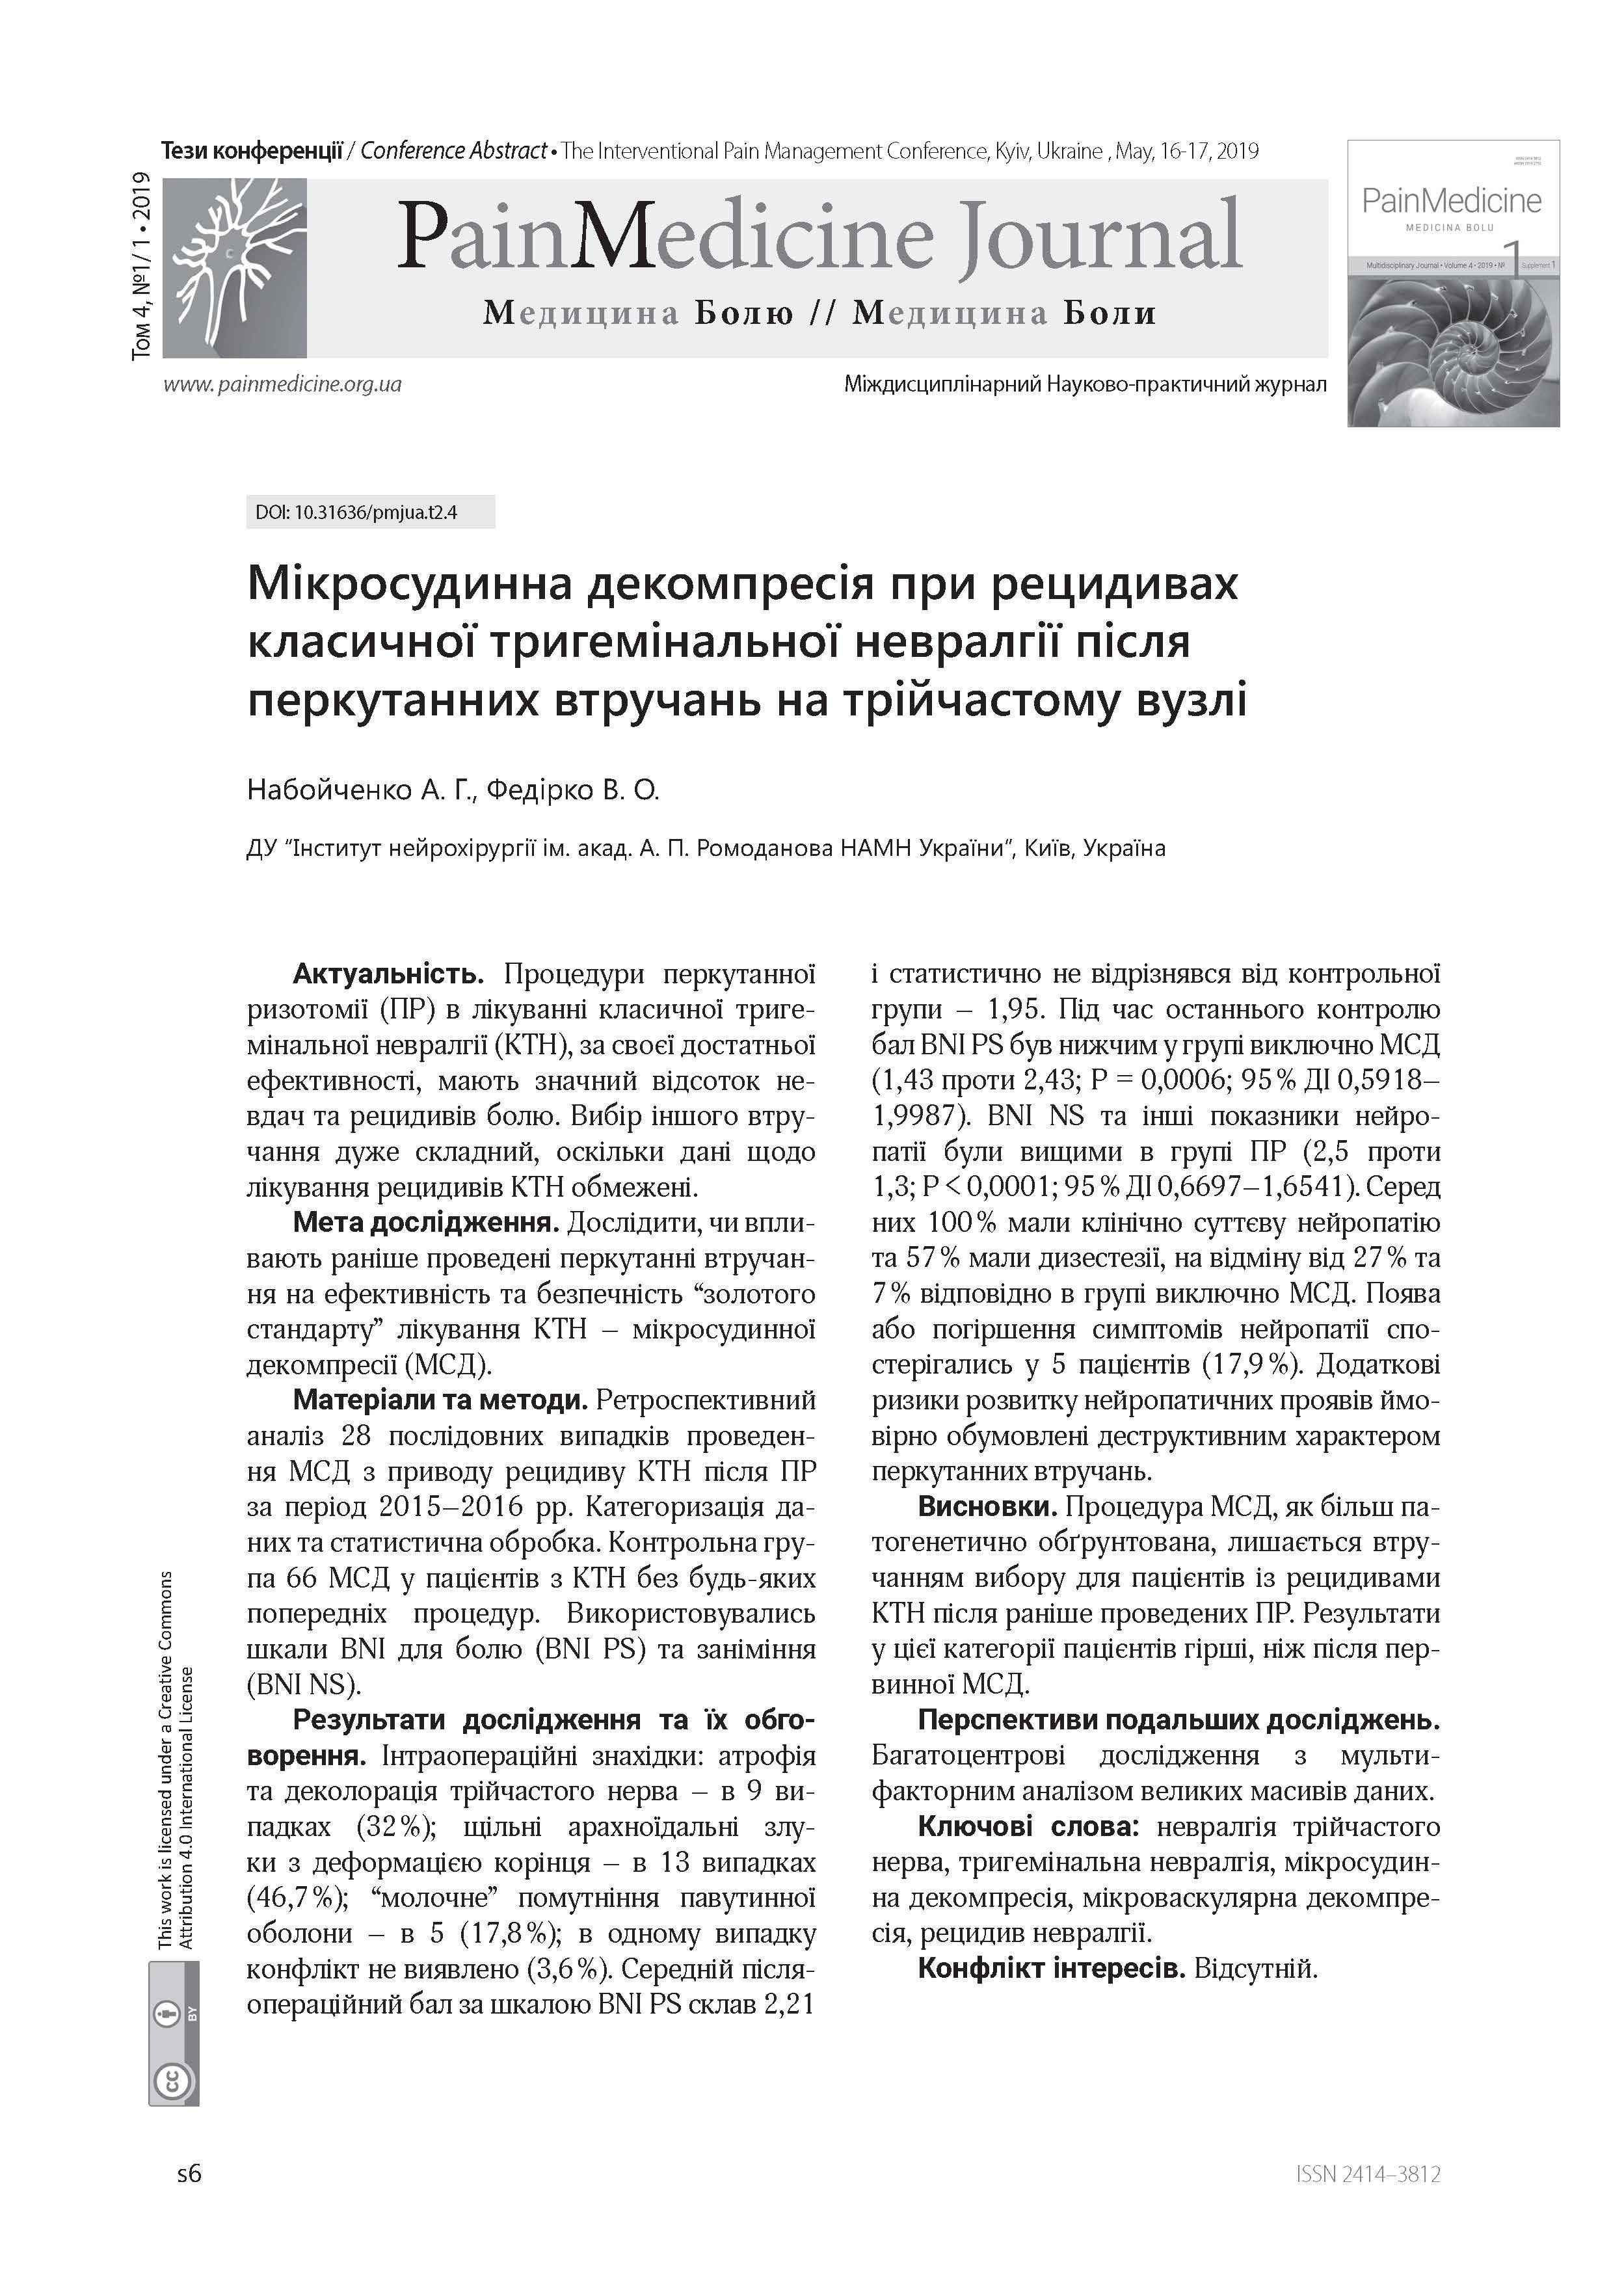 Мікросудинна декомпресія при рецидивах класичної тригемінальної невралгії після перкутанних втручань на трійчастому вузлі